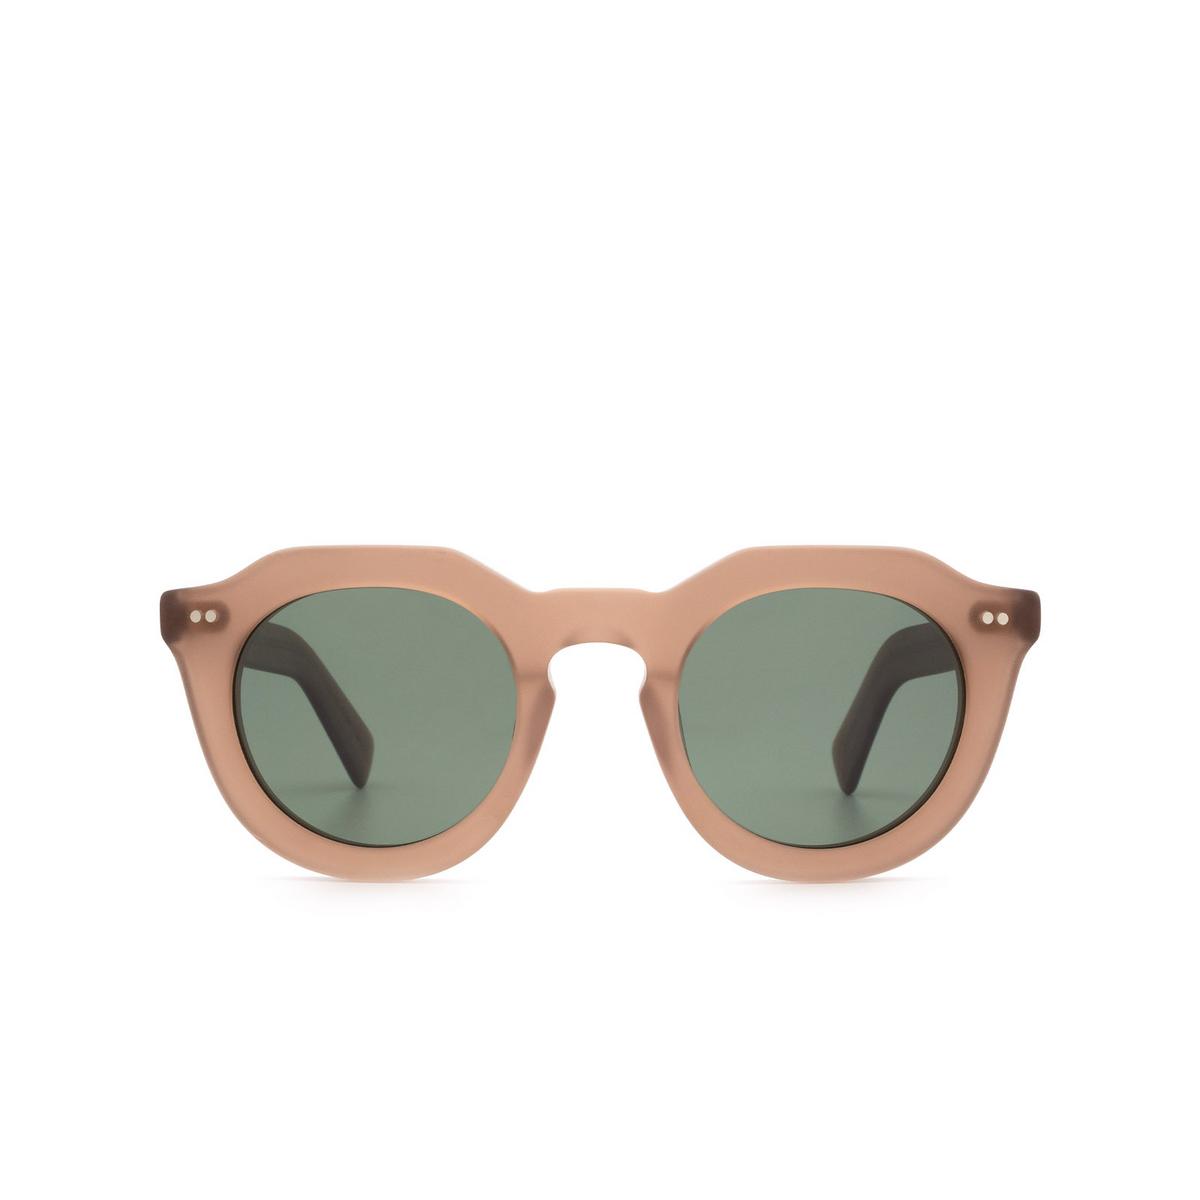 Lesca® Irregular Sunglasses: Toro color Cognac Matt 2 - front view.